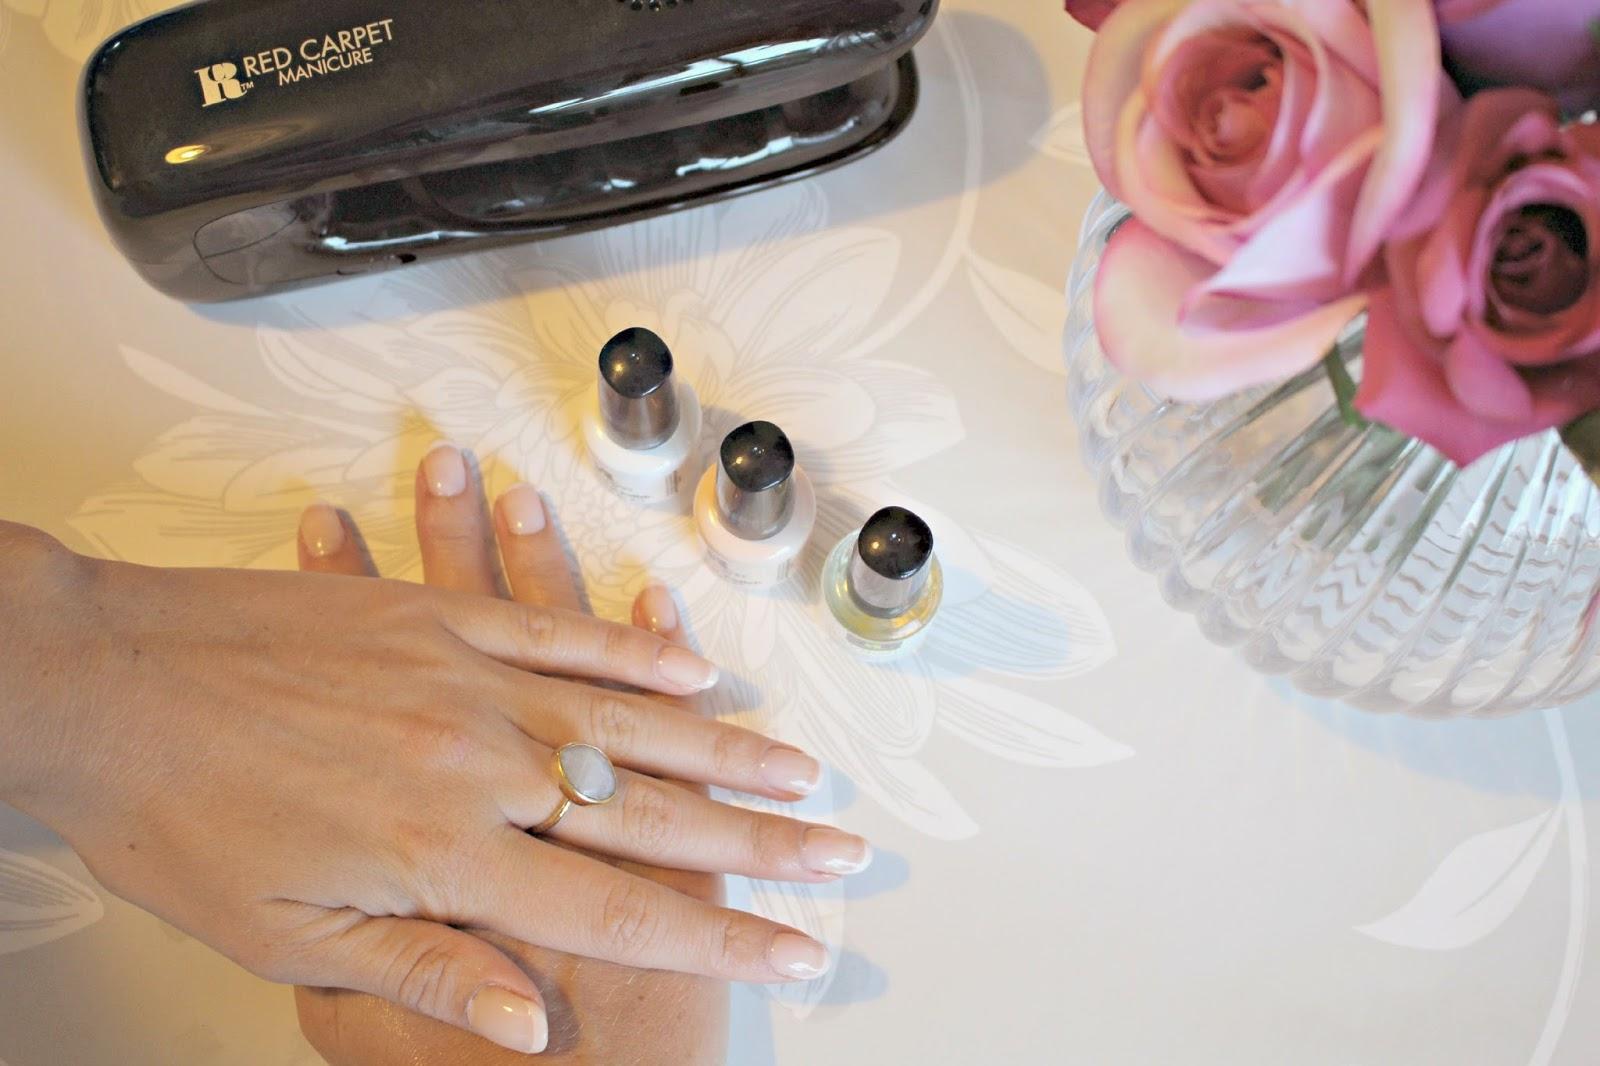 DIY French Manicure - Gel Nails Tutorial - Fashion Mumblr